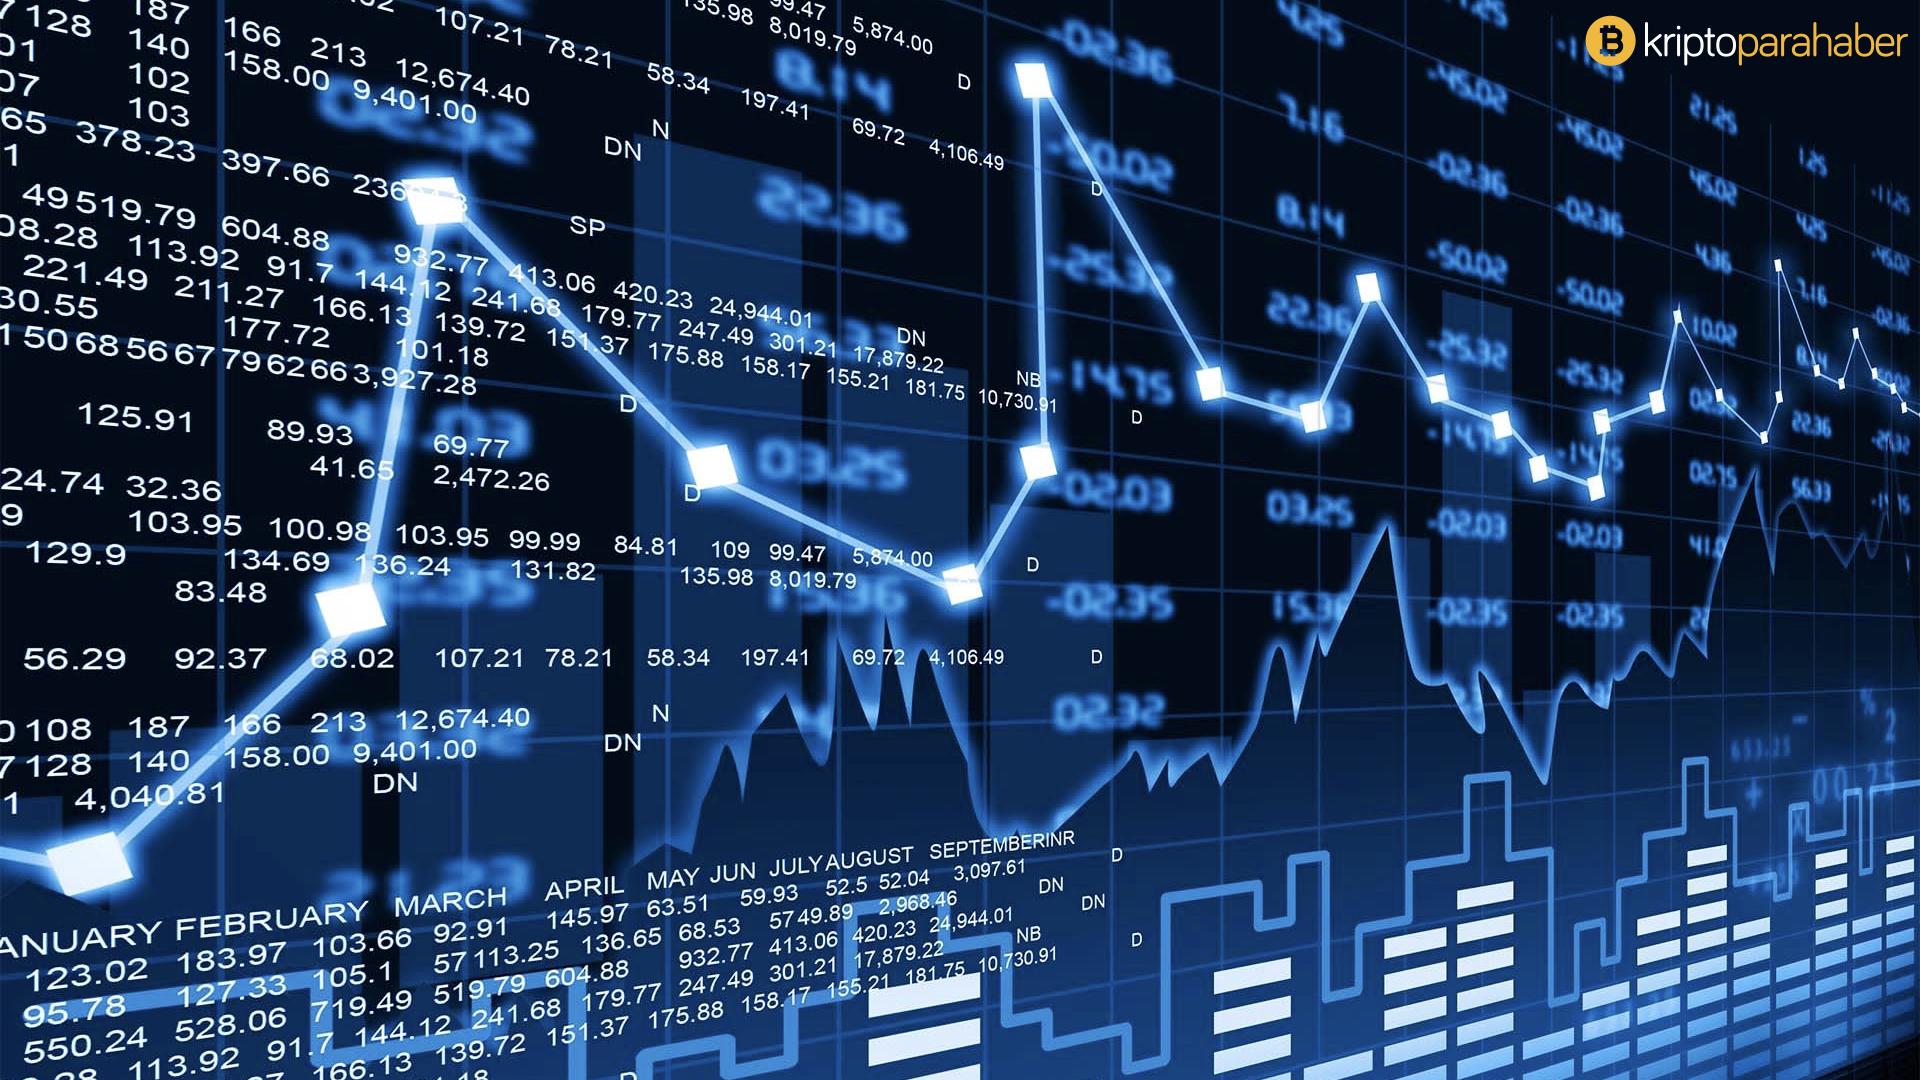 Kripto borsası ticaret hacmi Ocak ayında tüm rekorları kırdı, 900 milyar doları aştı